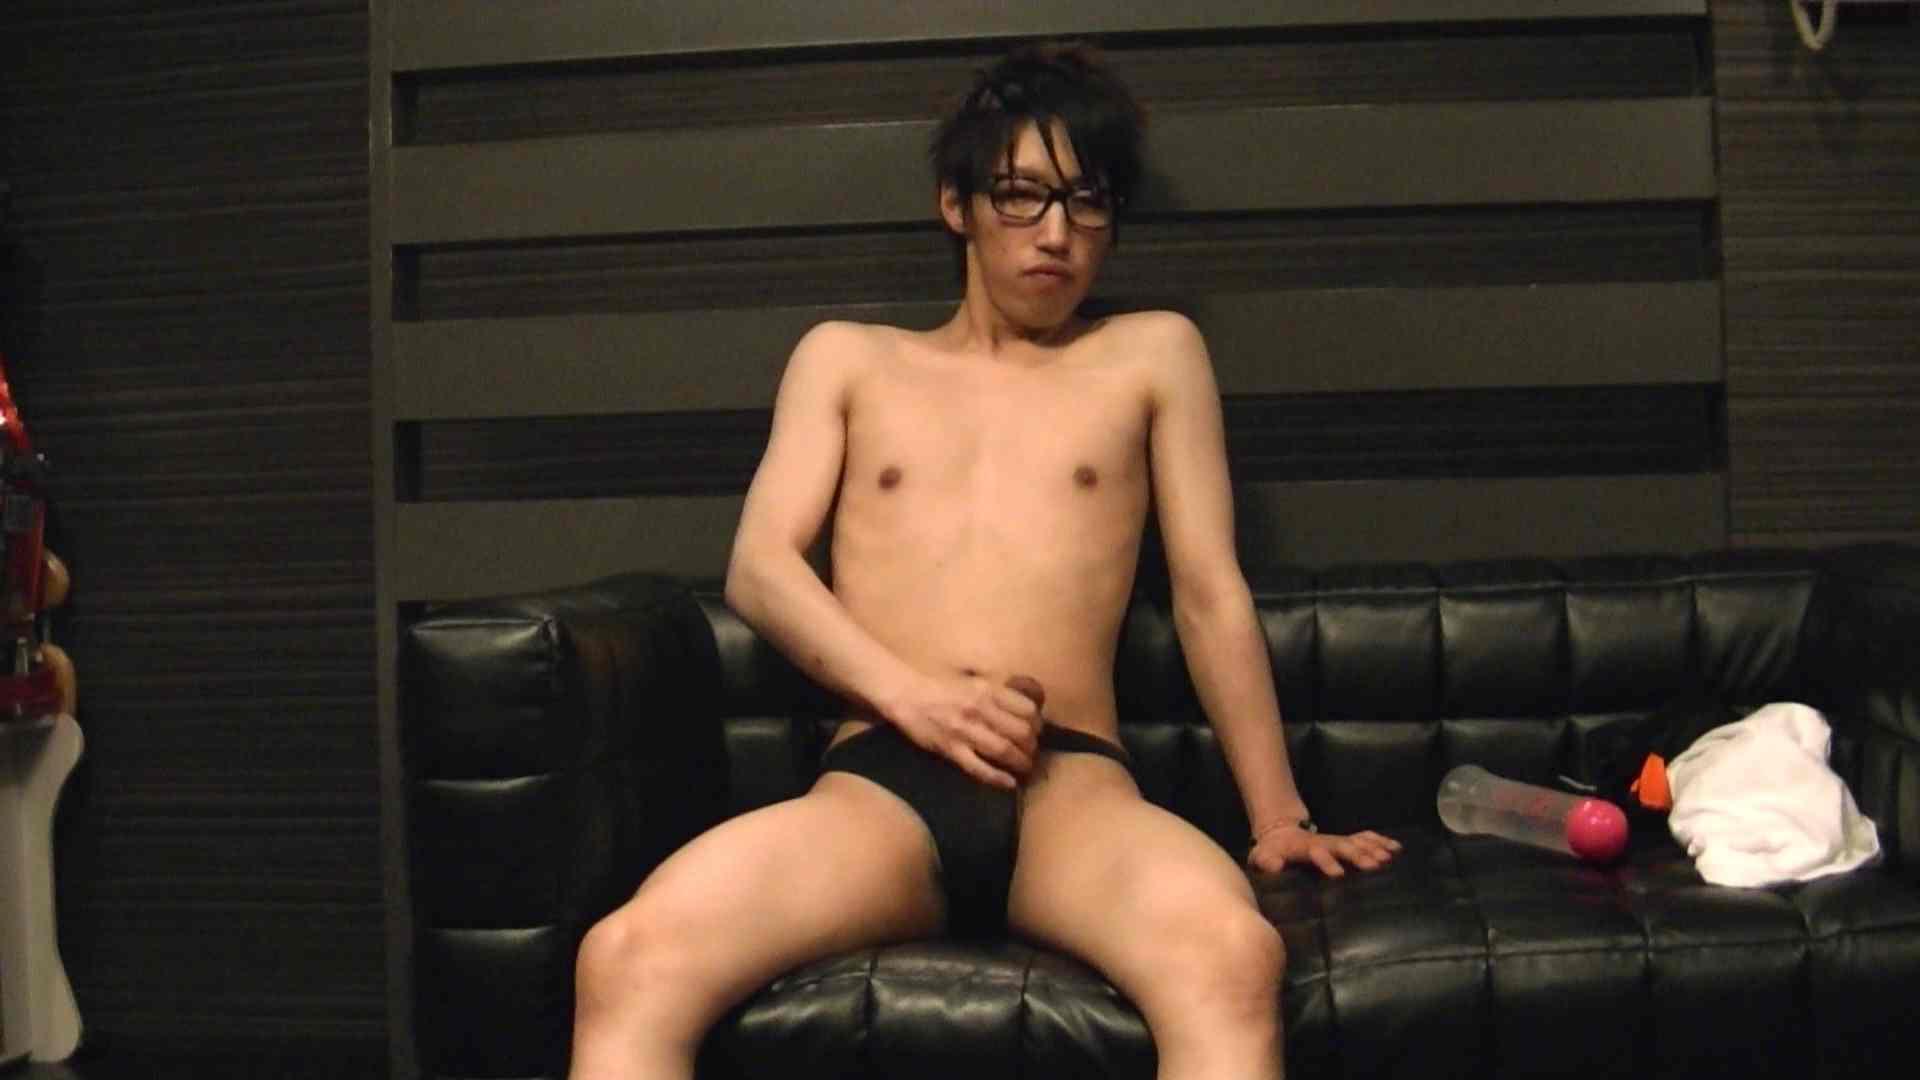 Mr.オナックスさん投稿!HD 貴方のオナニー三万円で撮影させてください。VOL.04 スジ筋系  32pic 7